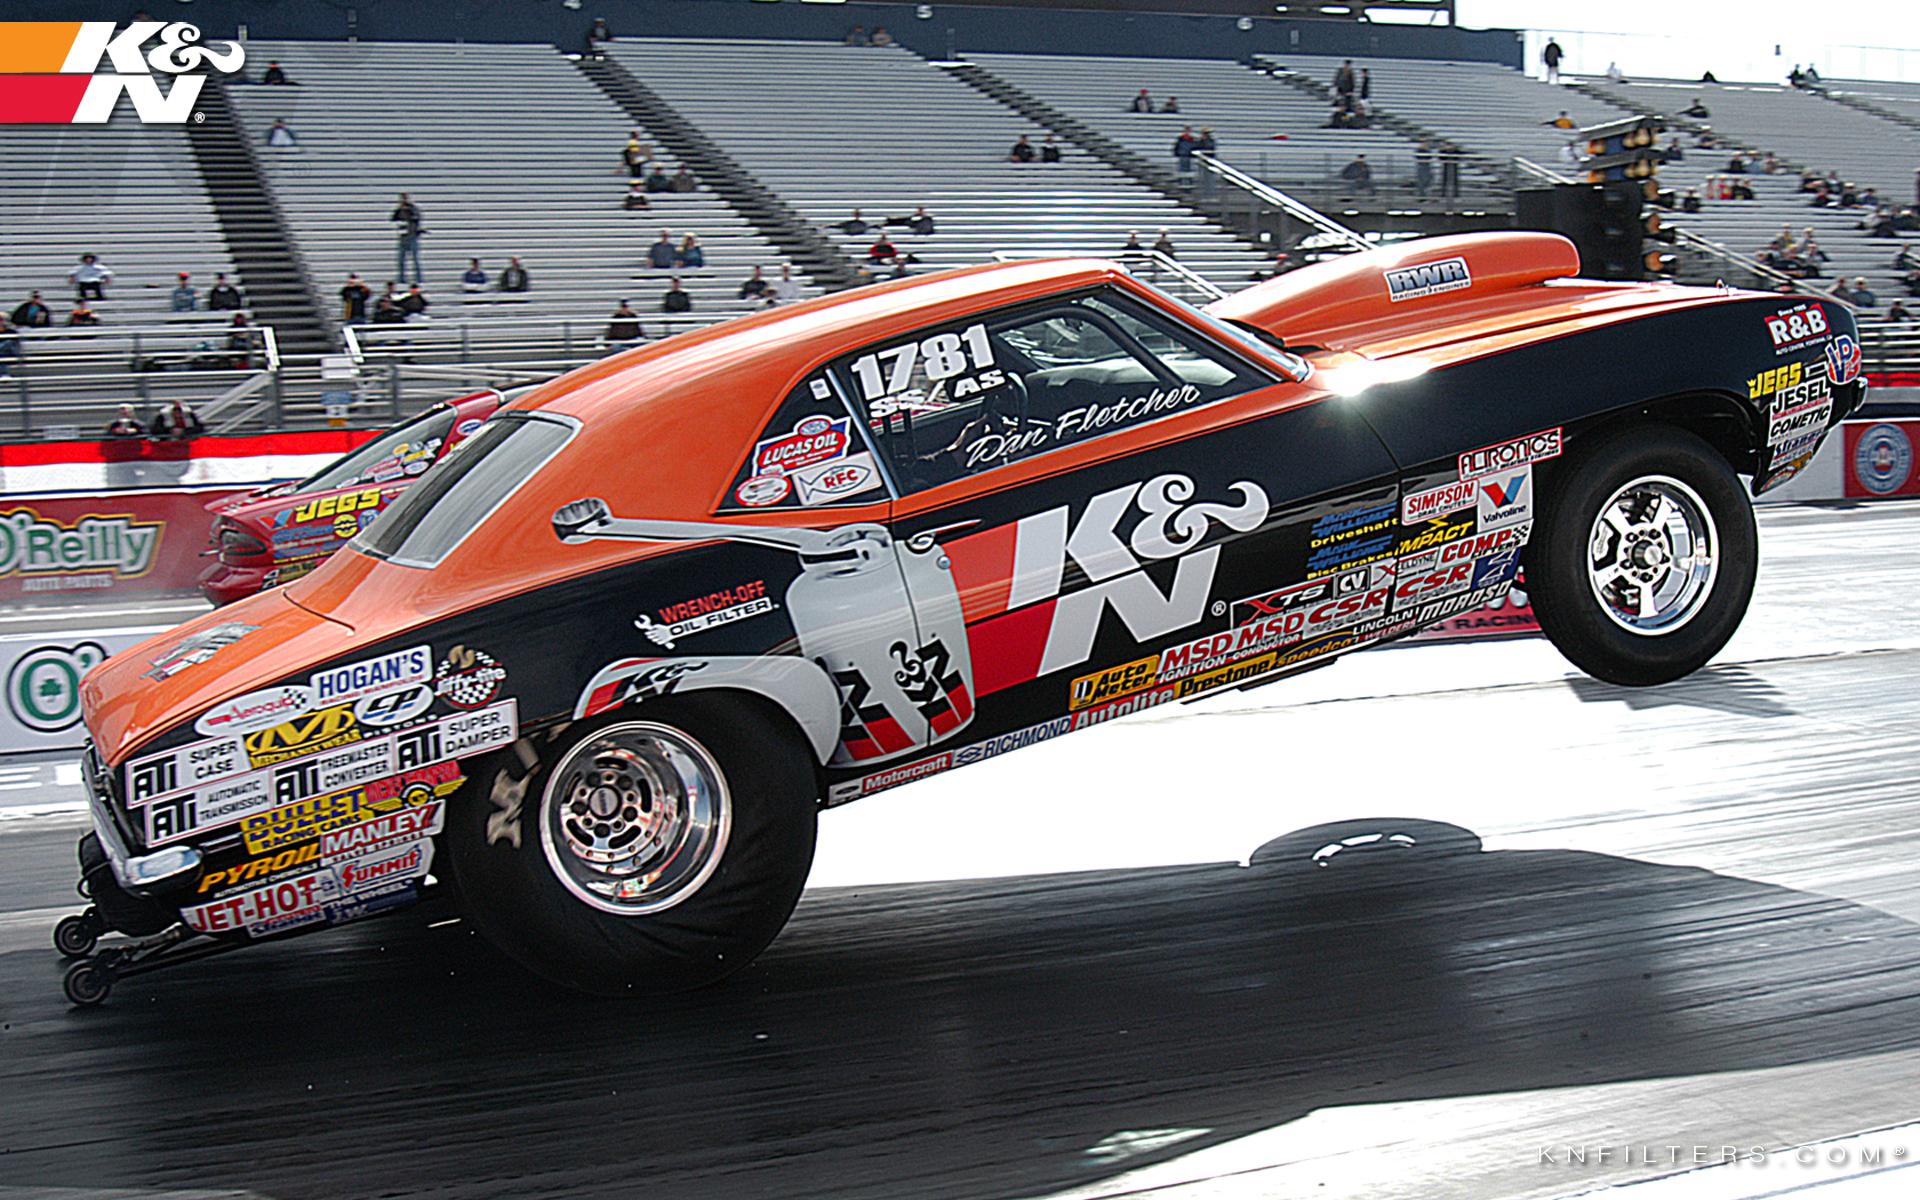 drag racing computer wallpapers desktop backgrounds